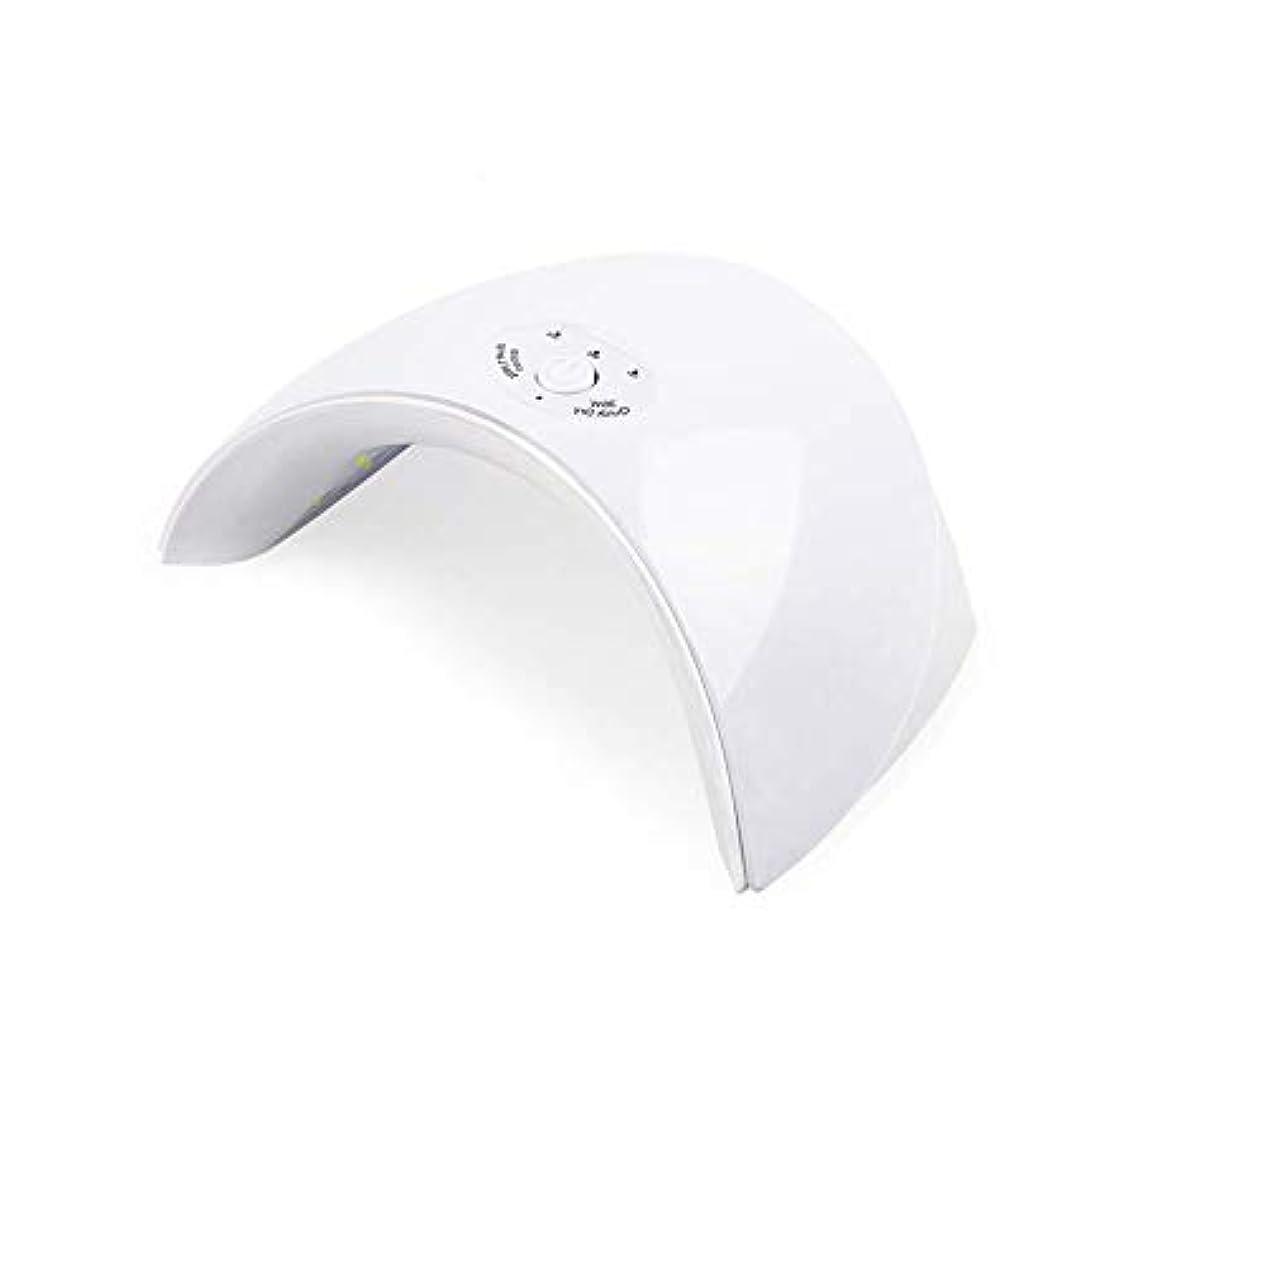 立ち向かう意識的不十分36Wネイルライト ホワイト 硬化用uv/ledライト ネイルドライヤー 硬化用ライト ネイル道具?ケアツール